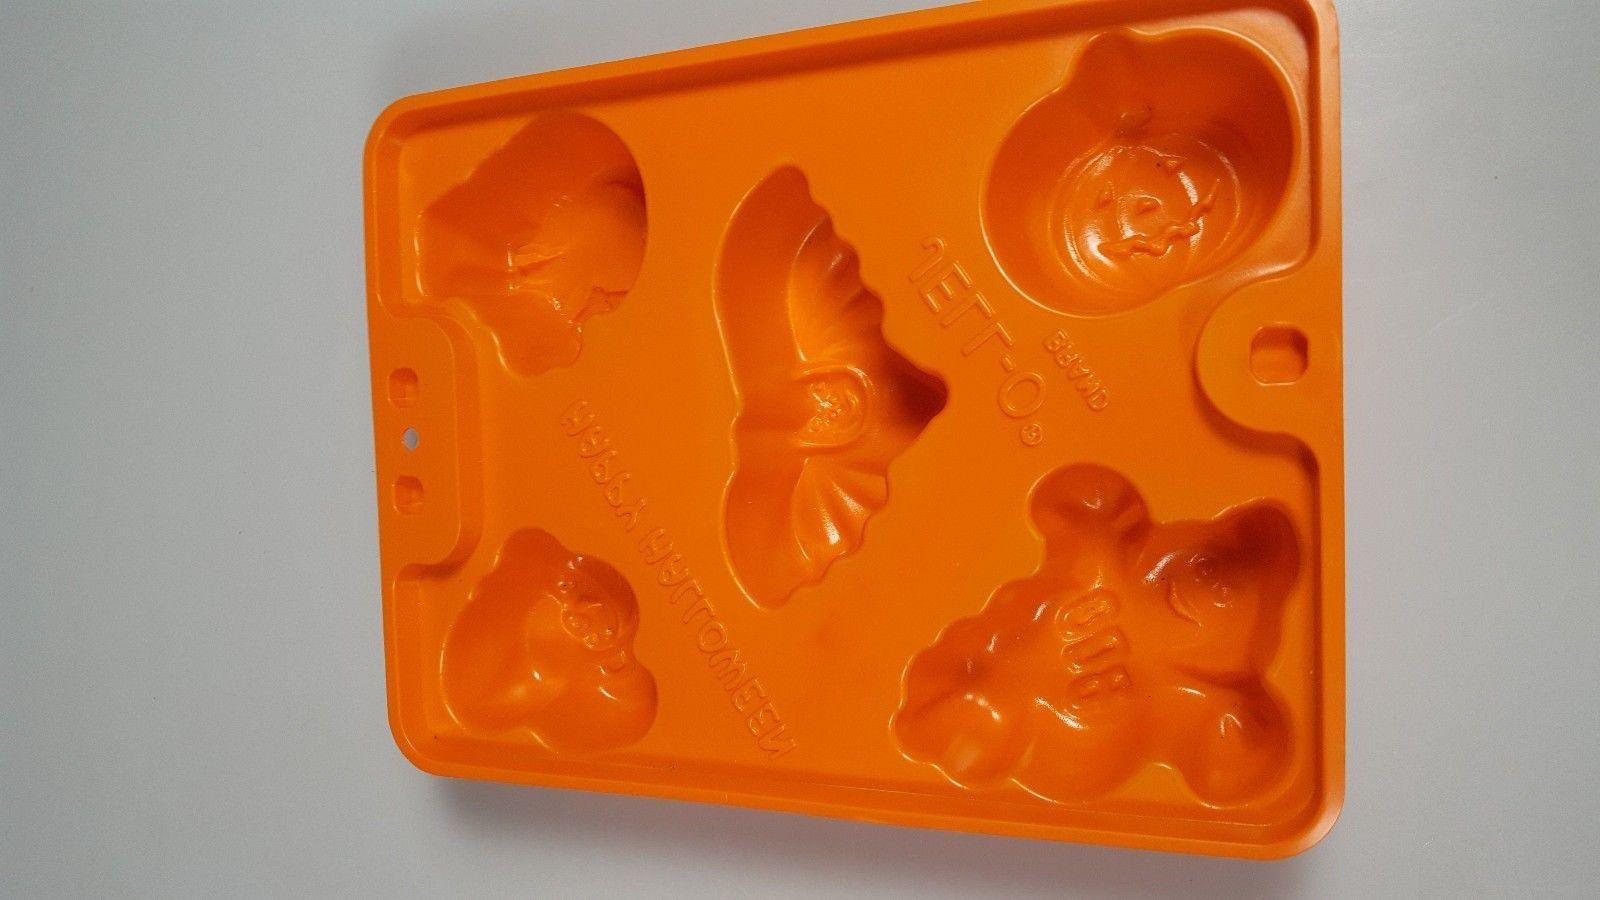 Jello Jigglers Mold Halloween party jello shot mold